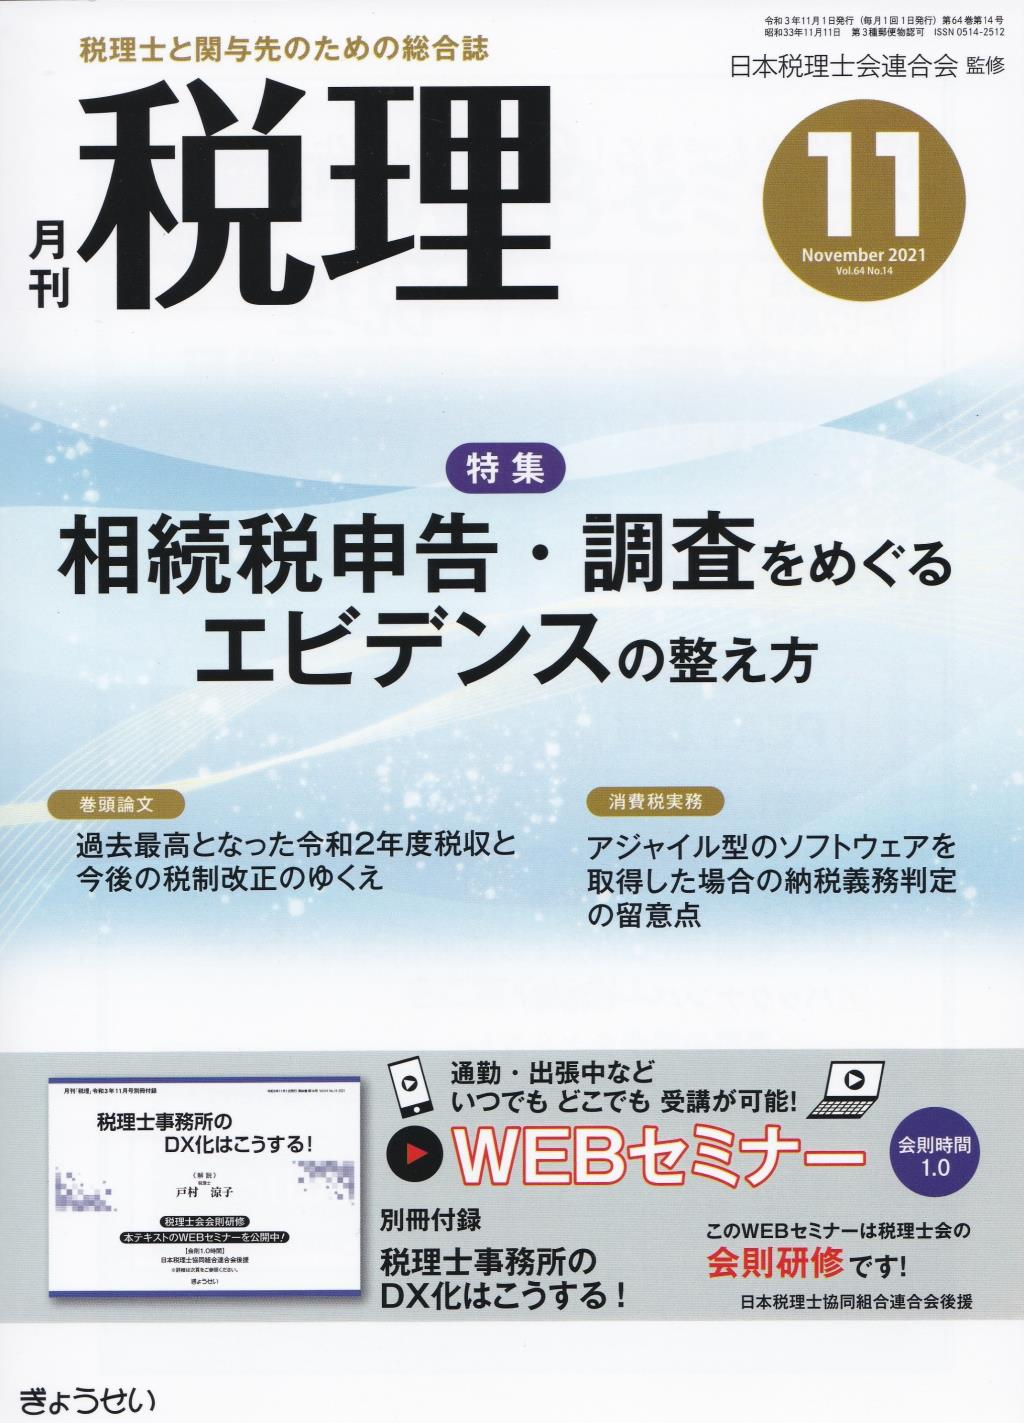 月刊 税理 2021年11月号(第64巻第14号)